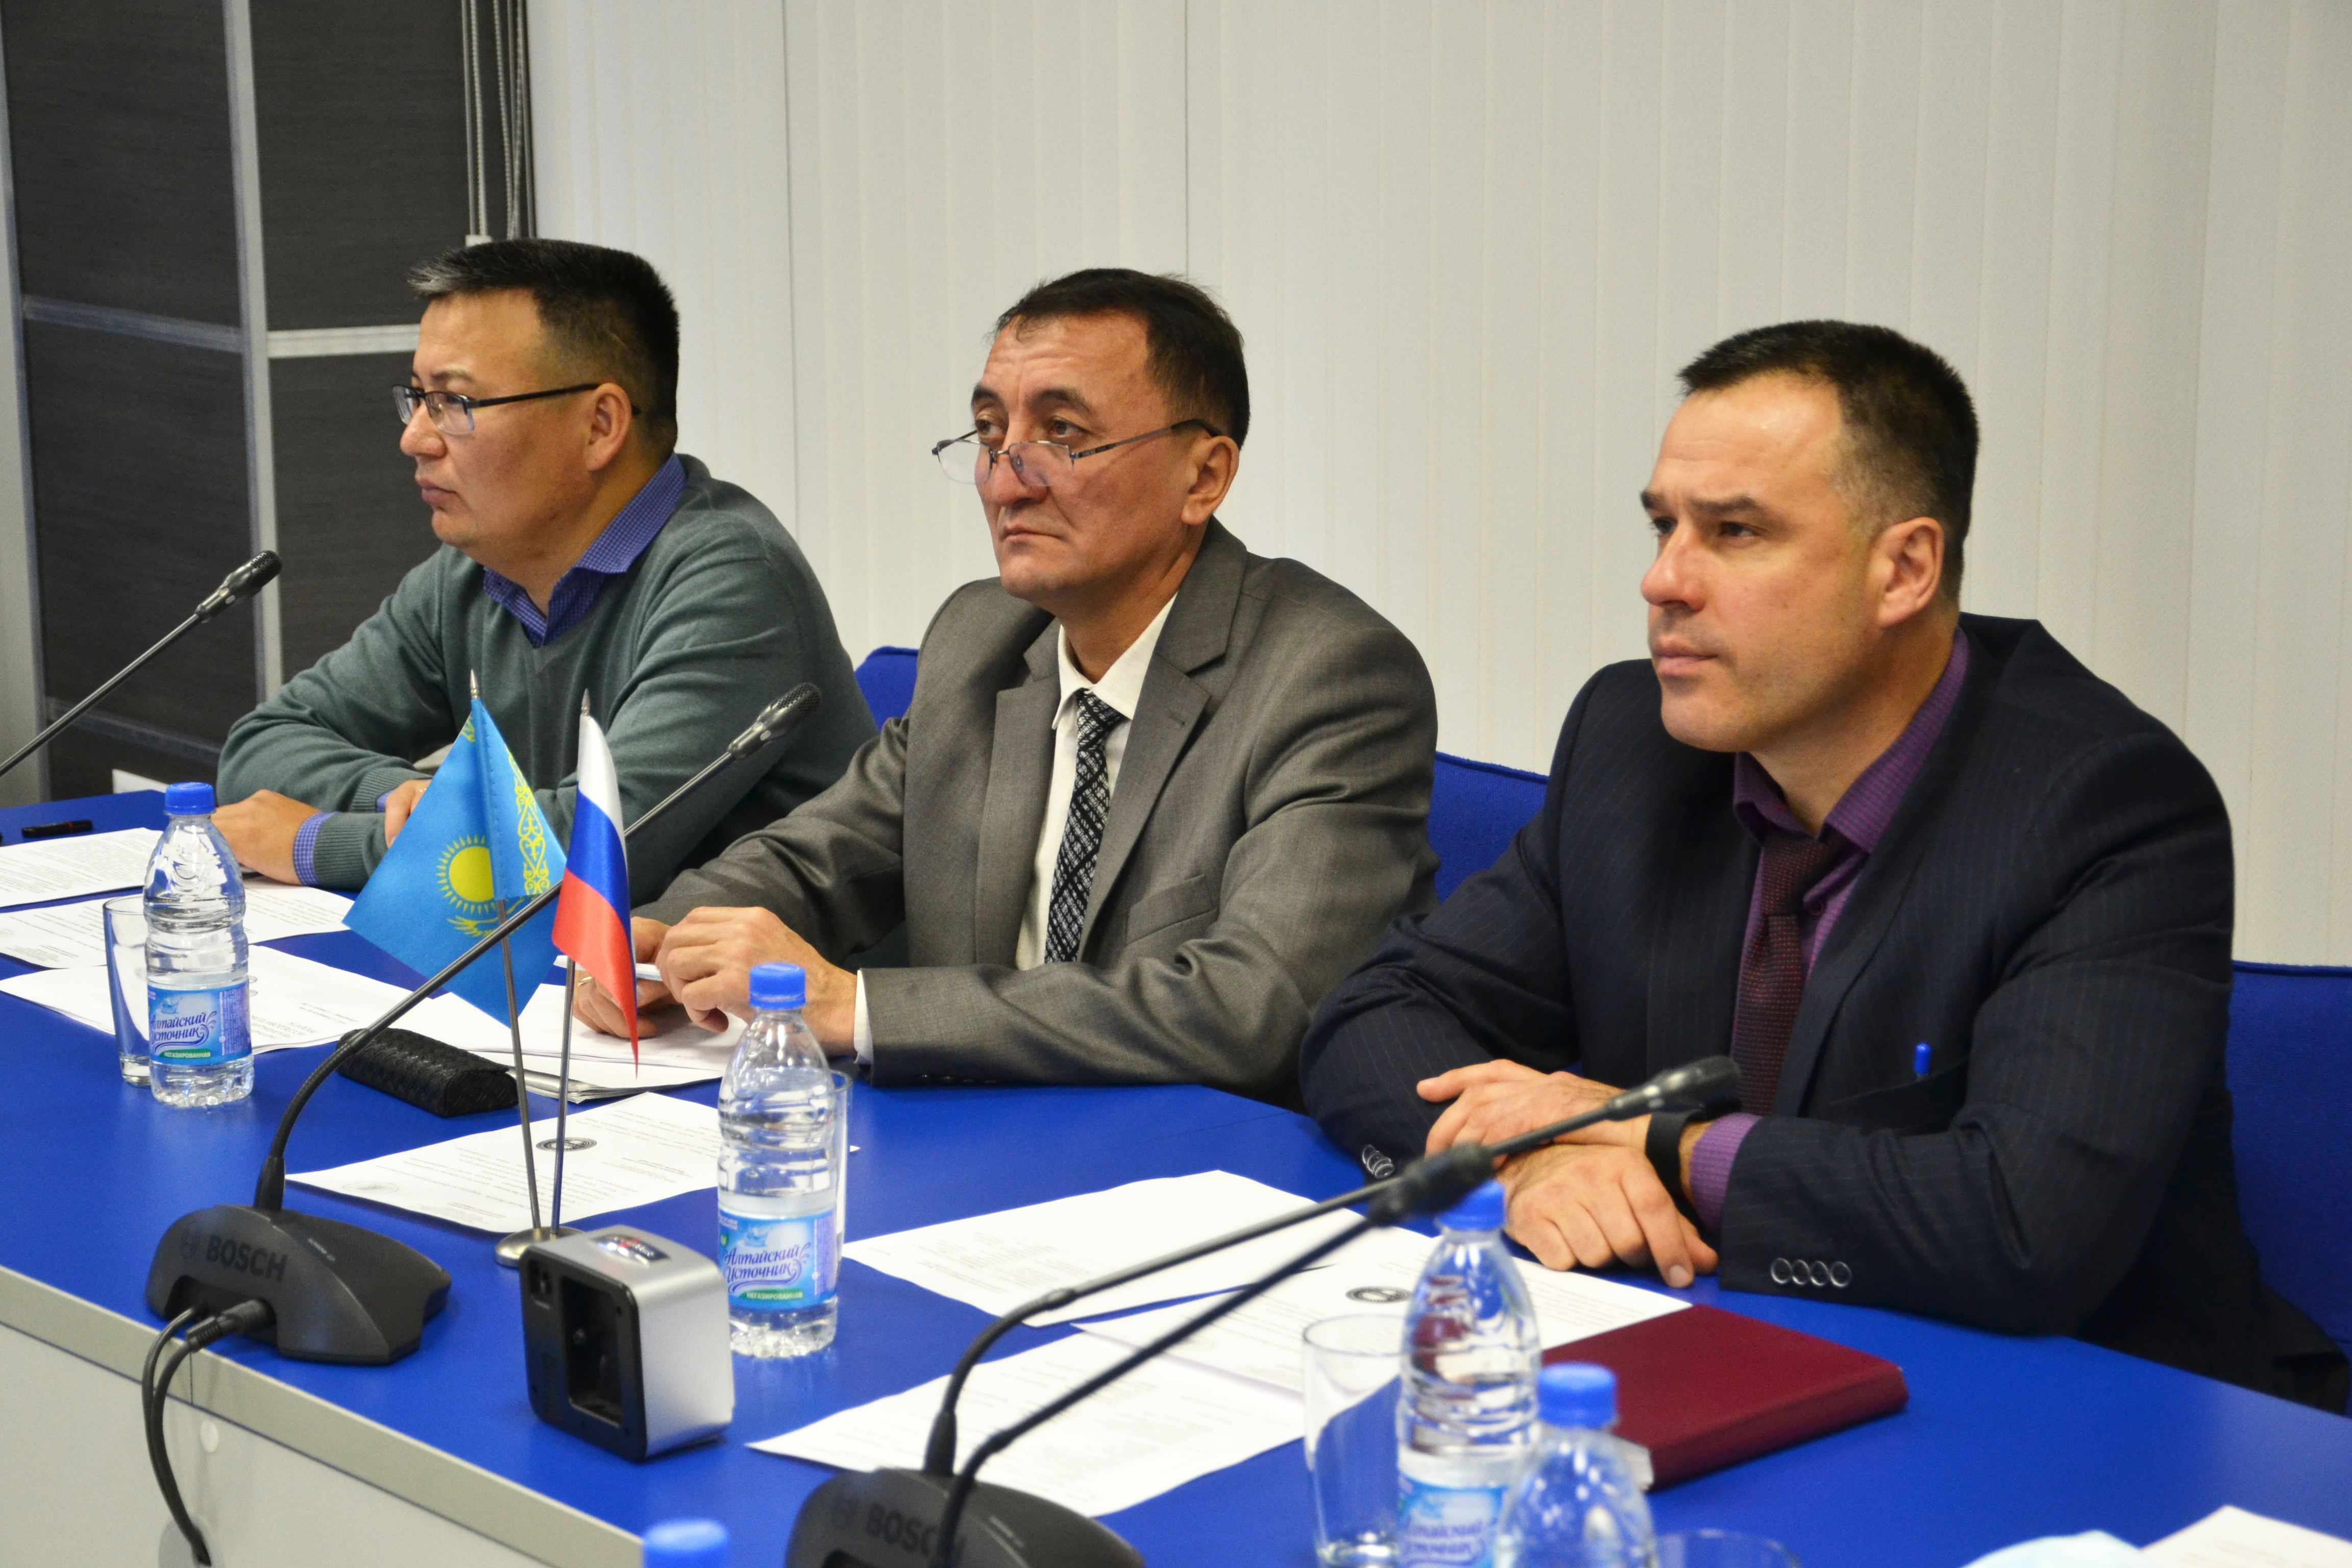 Педуниверситет начал сотрудничество с Университетом им. Шакарима г. Семей в рамках научно-образовательного проекта